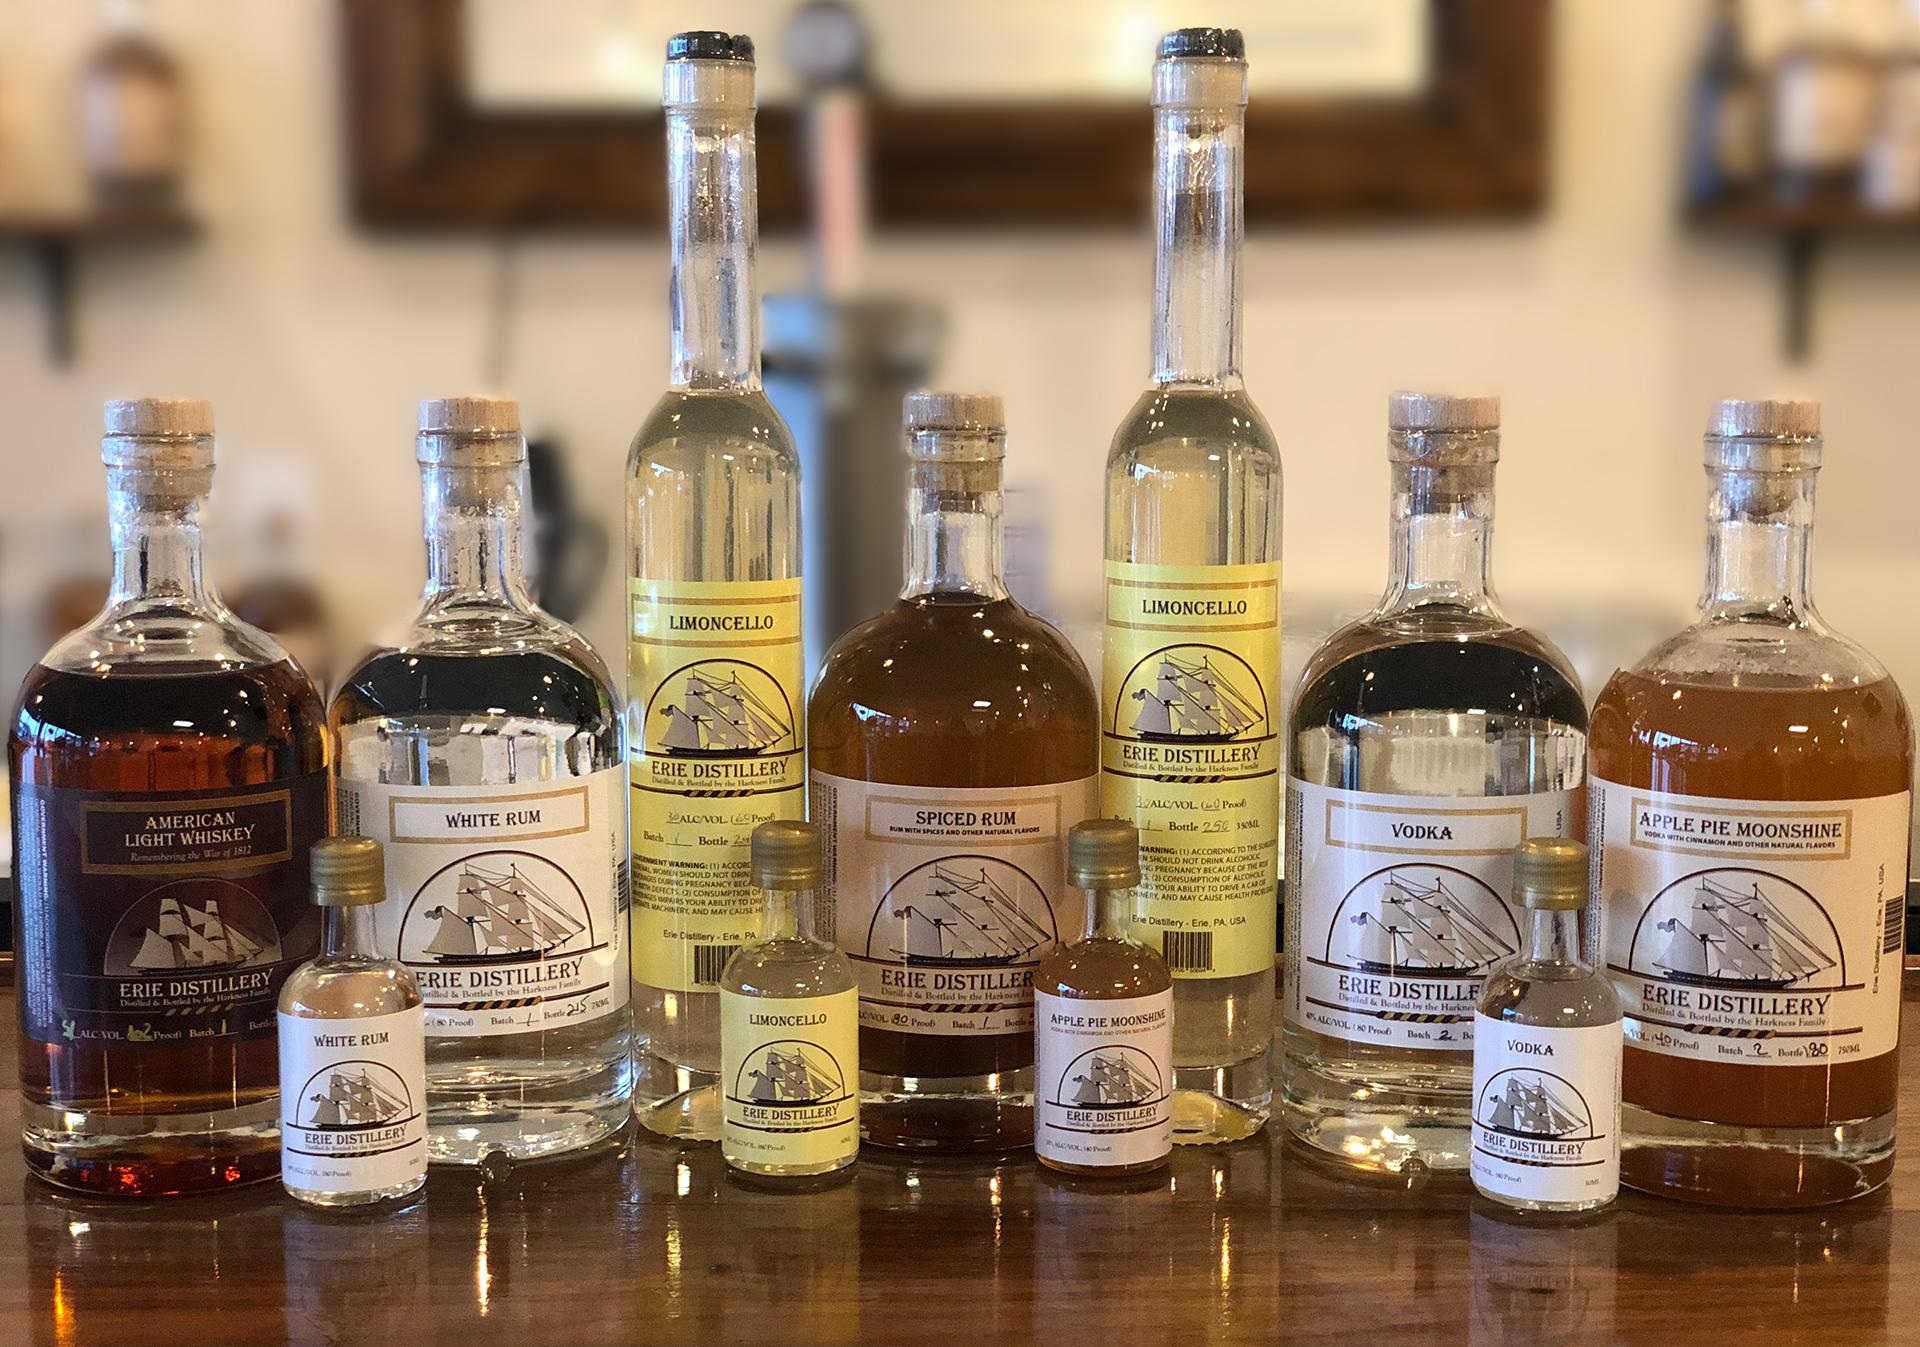 Erie Distillery Spirits